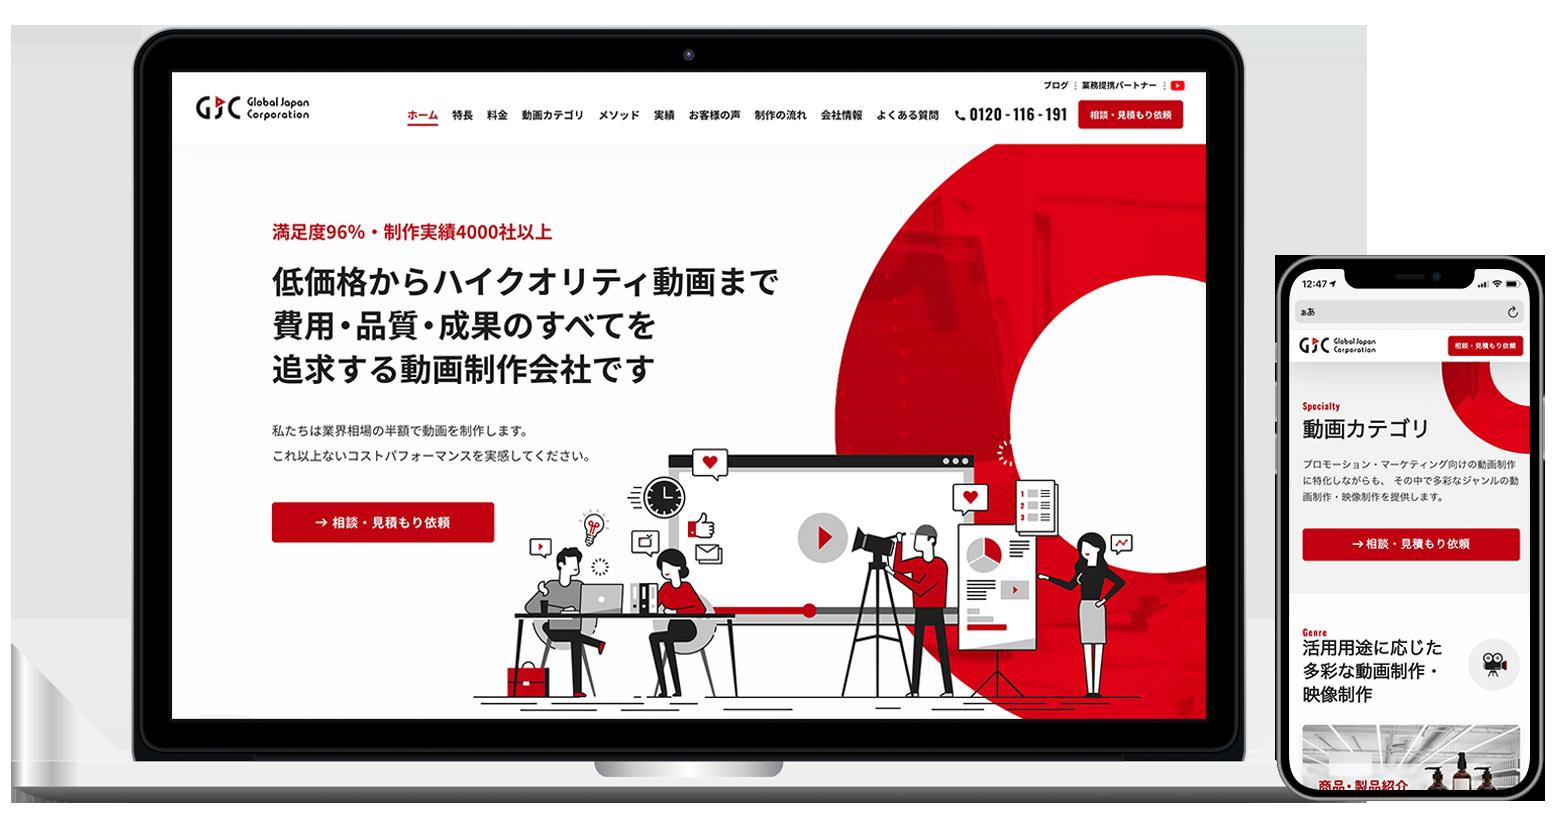 グローバル ジャパン コーポレーション コーポレートサイト